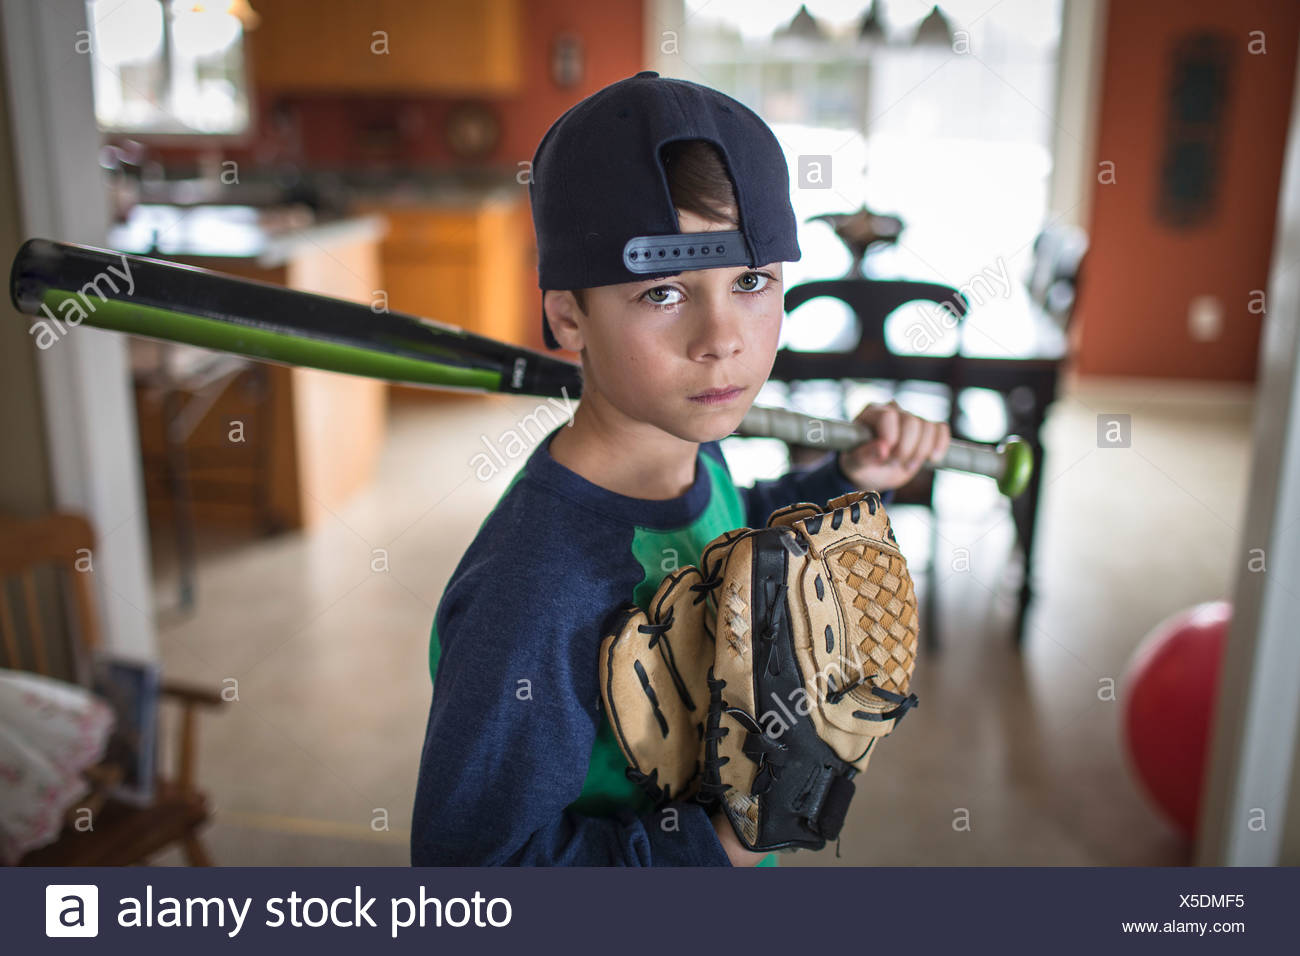 Retrato de niño con actitud de jugador de béisbol Imagen De Stock